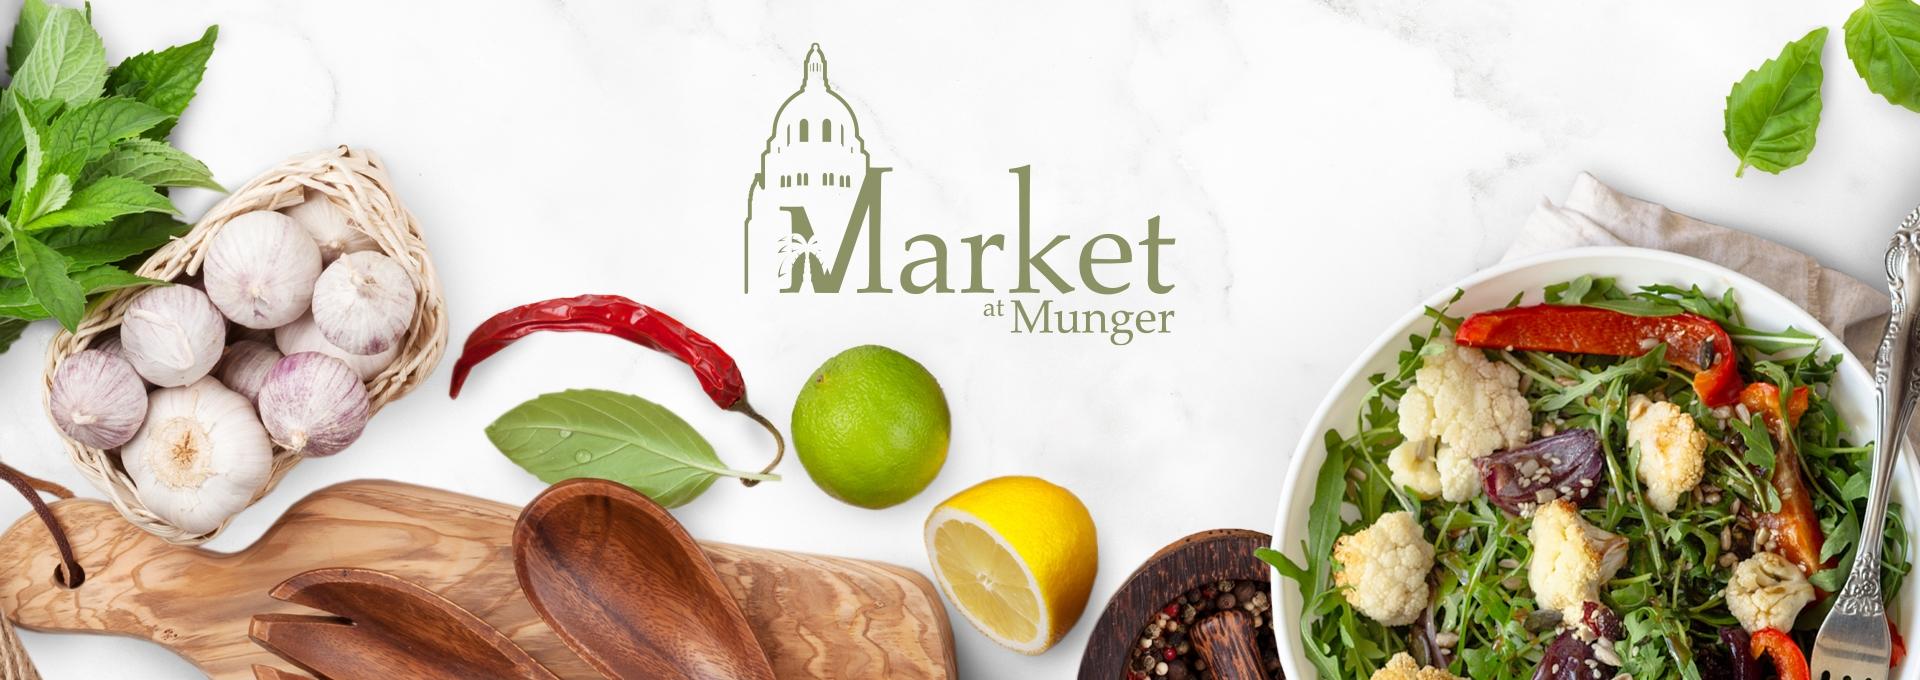 Munger Market Logo